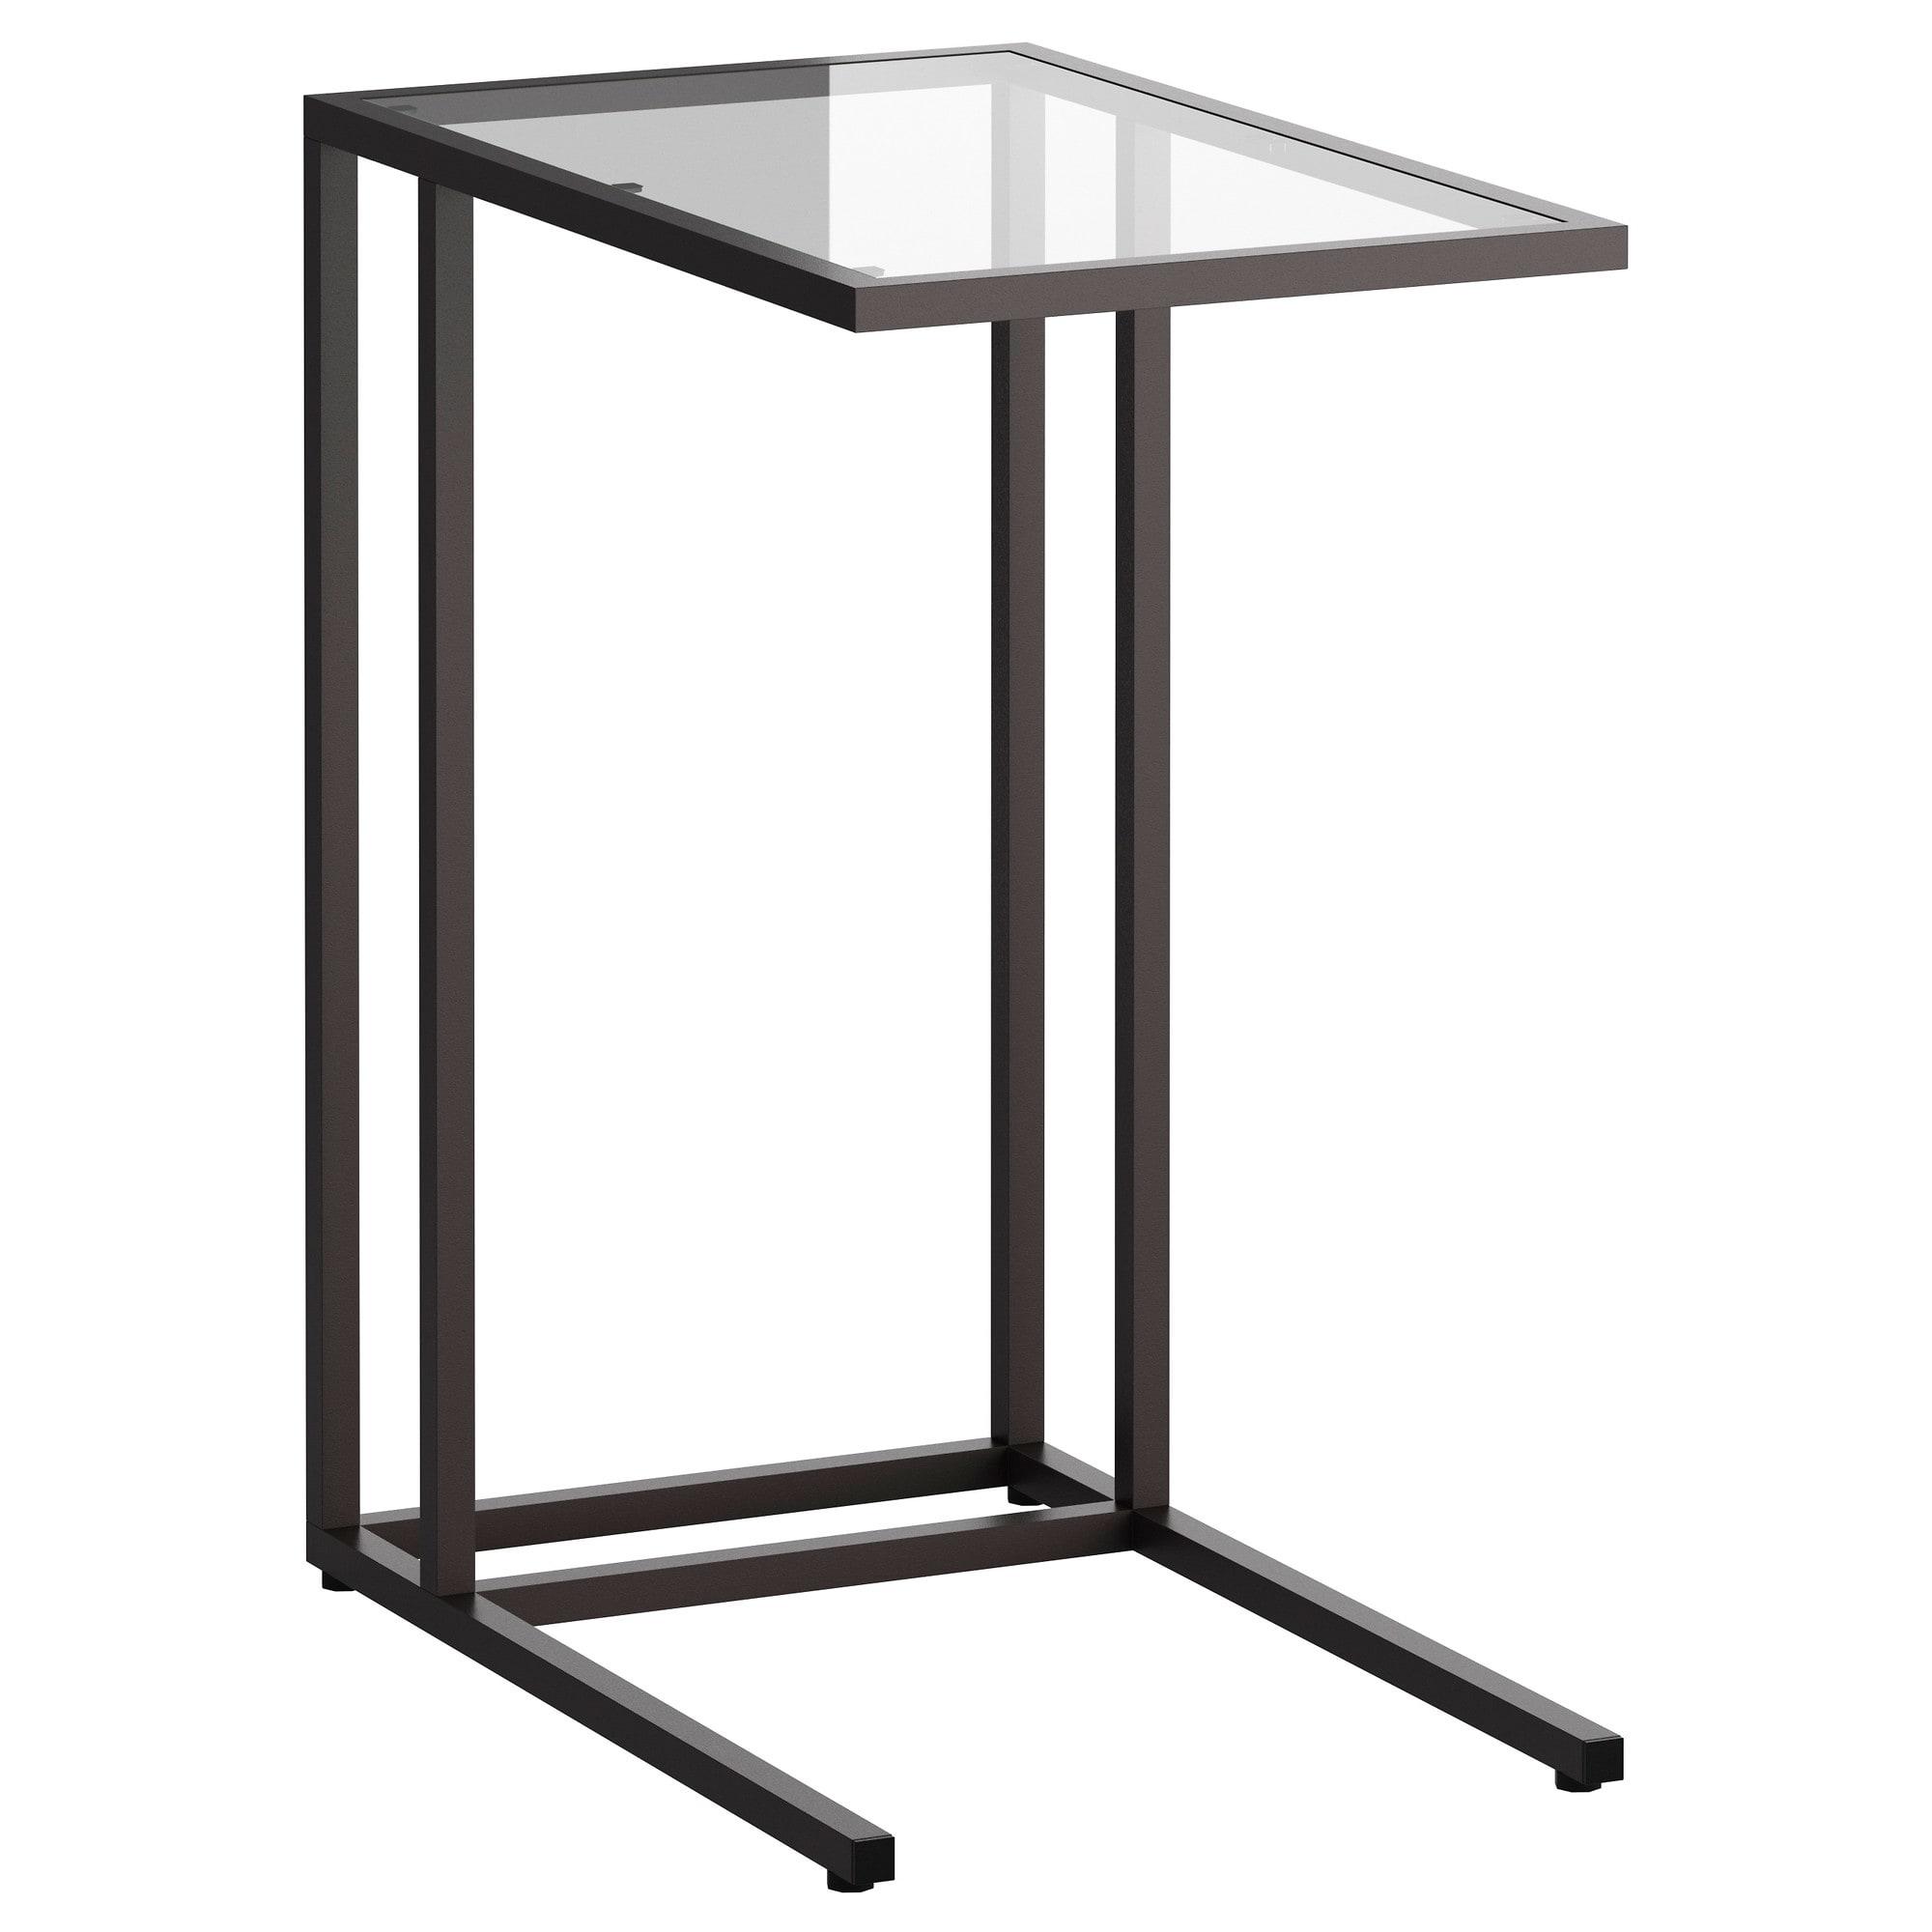 Mesa Para Portatil Ikea O2d5 Vittsjà soporte Portà Til Negro Marrà N Vidrio 35 X 65 Cm Ikea